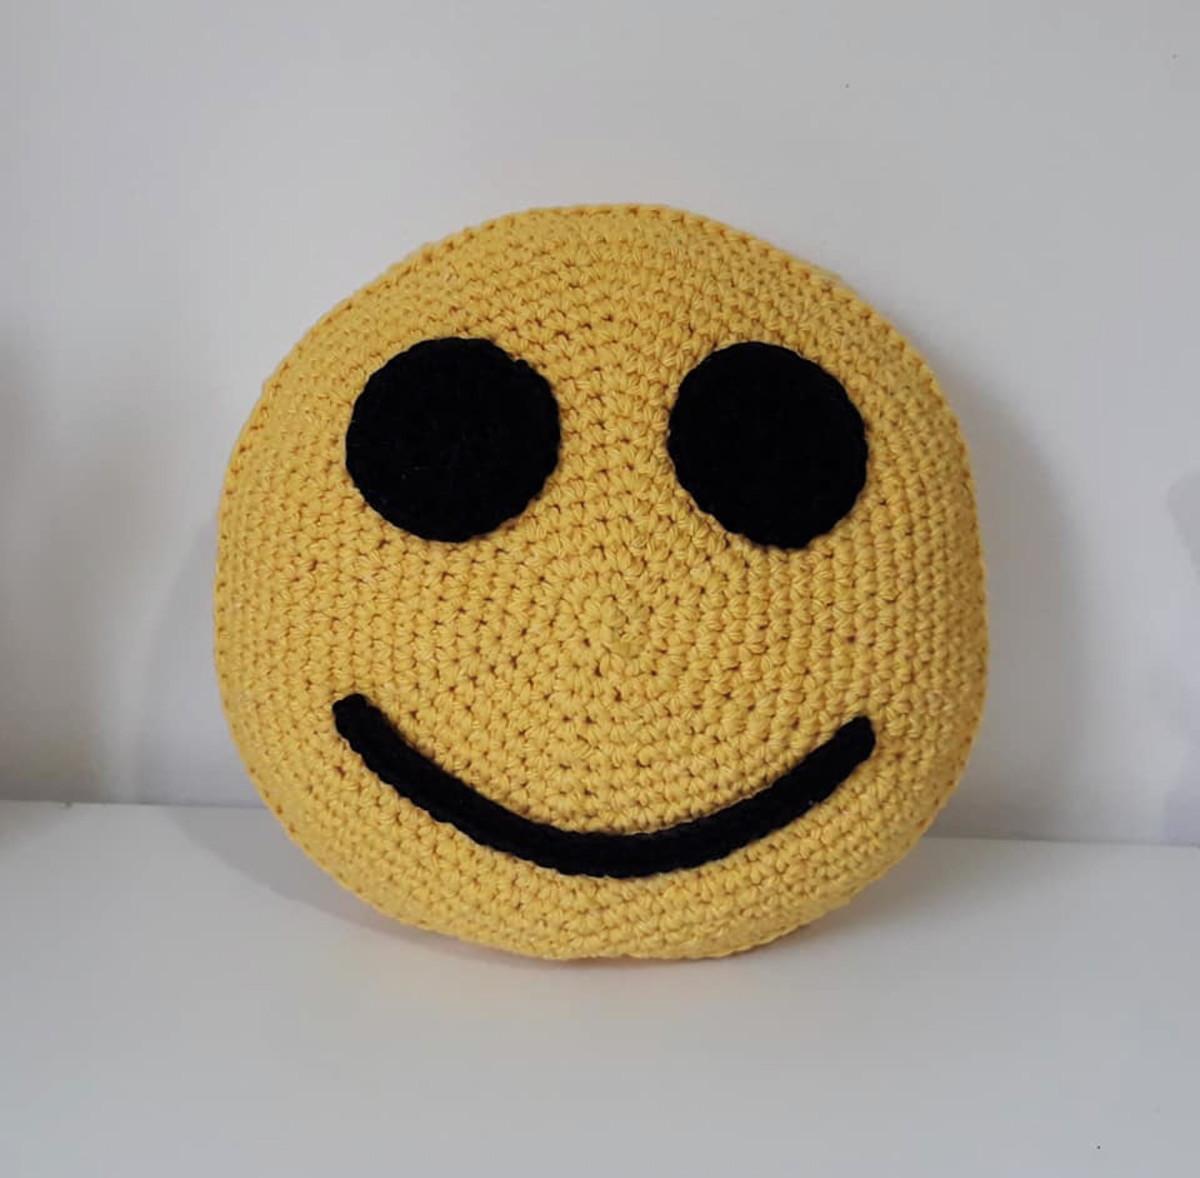 Almofada Emoji ligeiramente sorridente - 20 cm diâm. no Elo7   VZ ... 9364f6611e